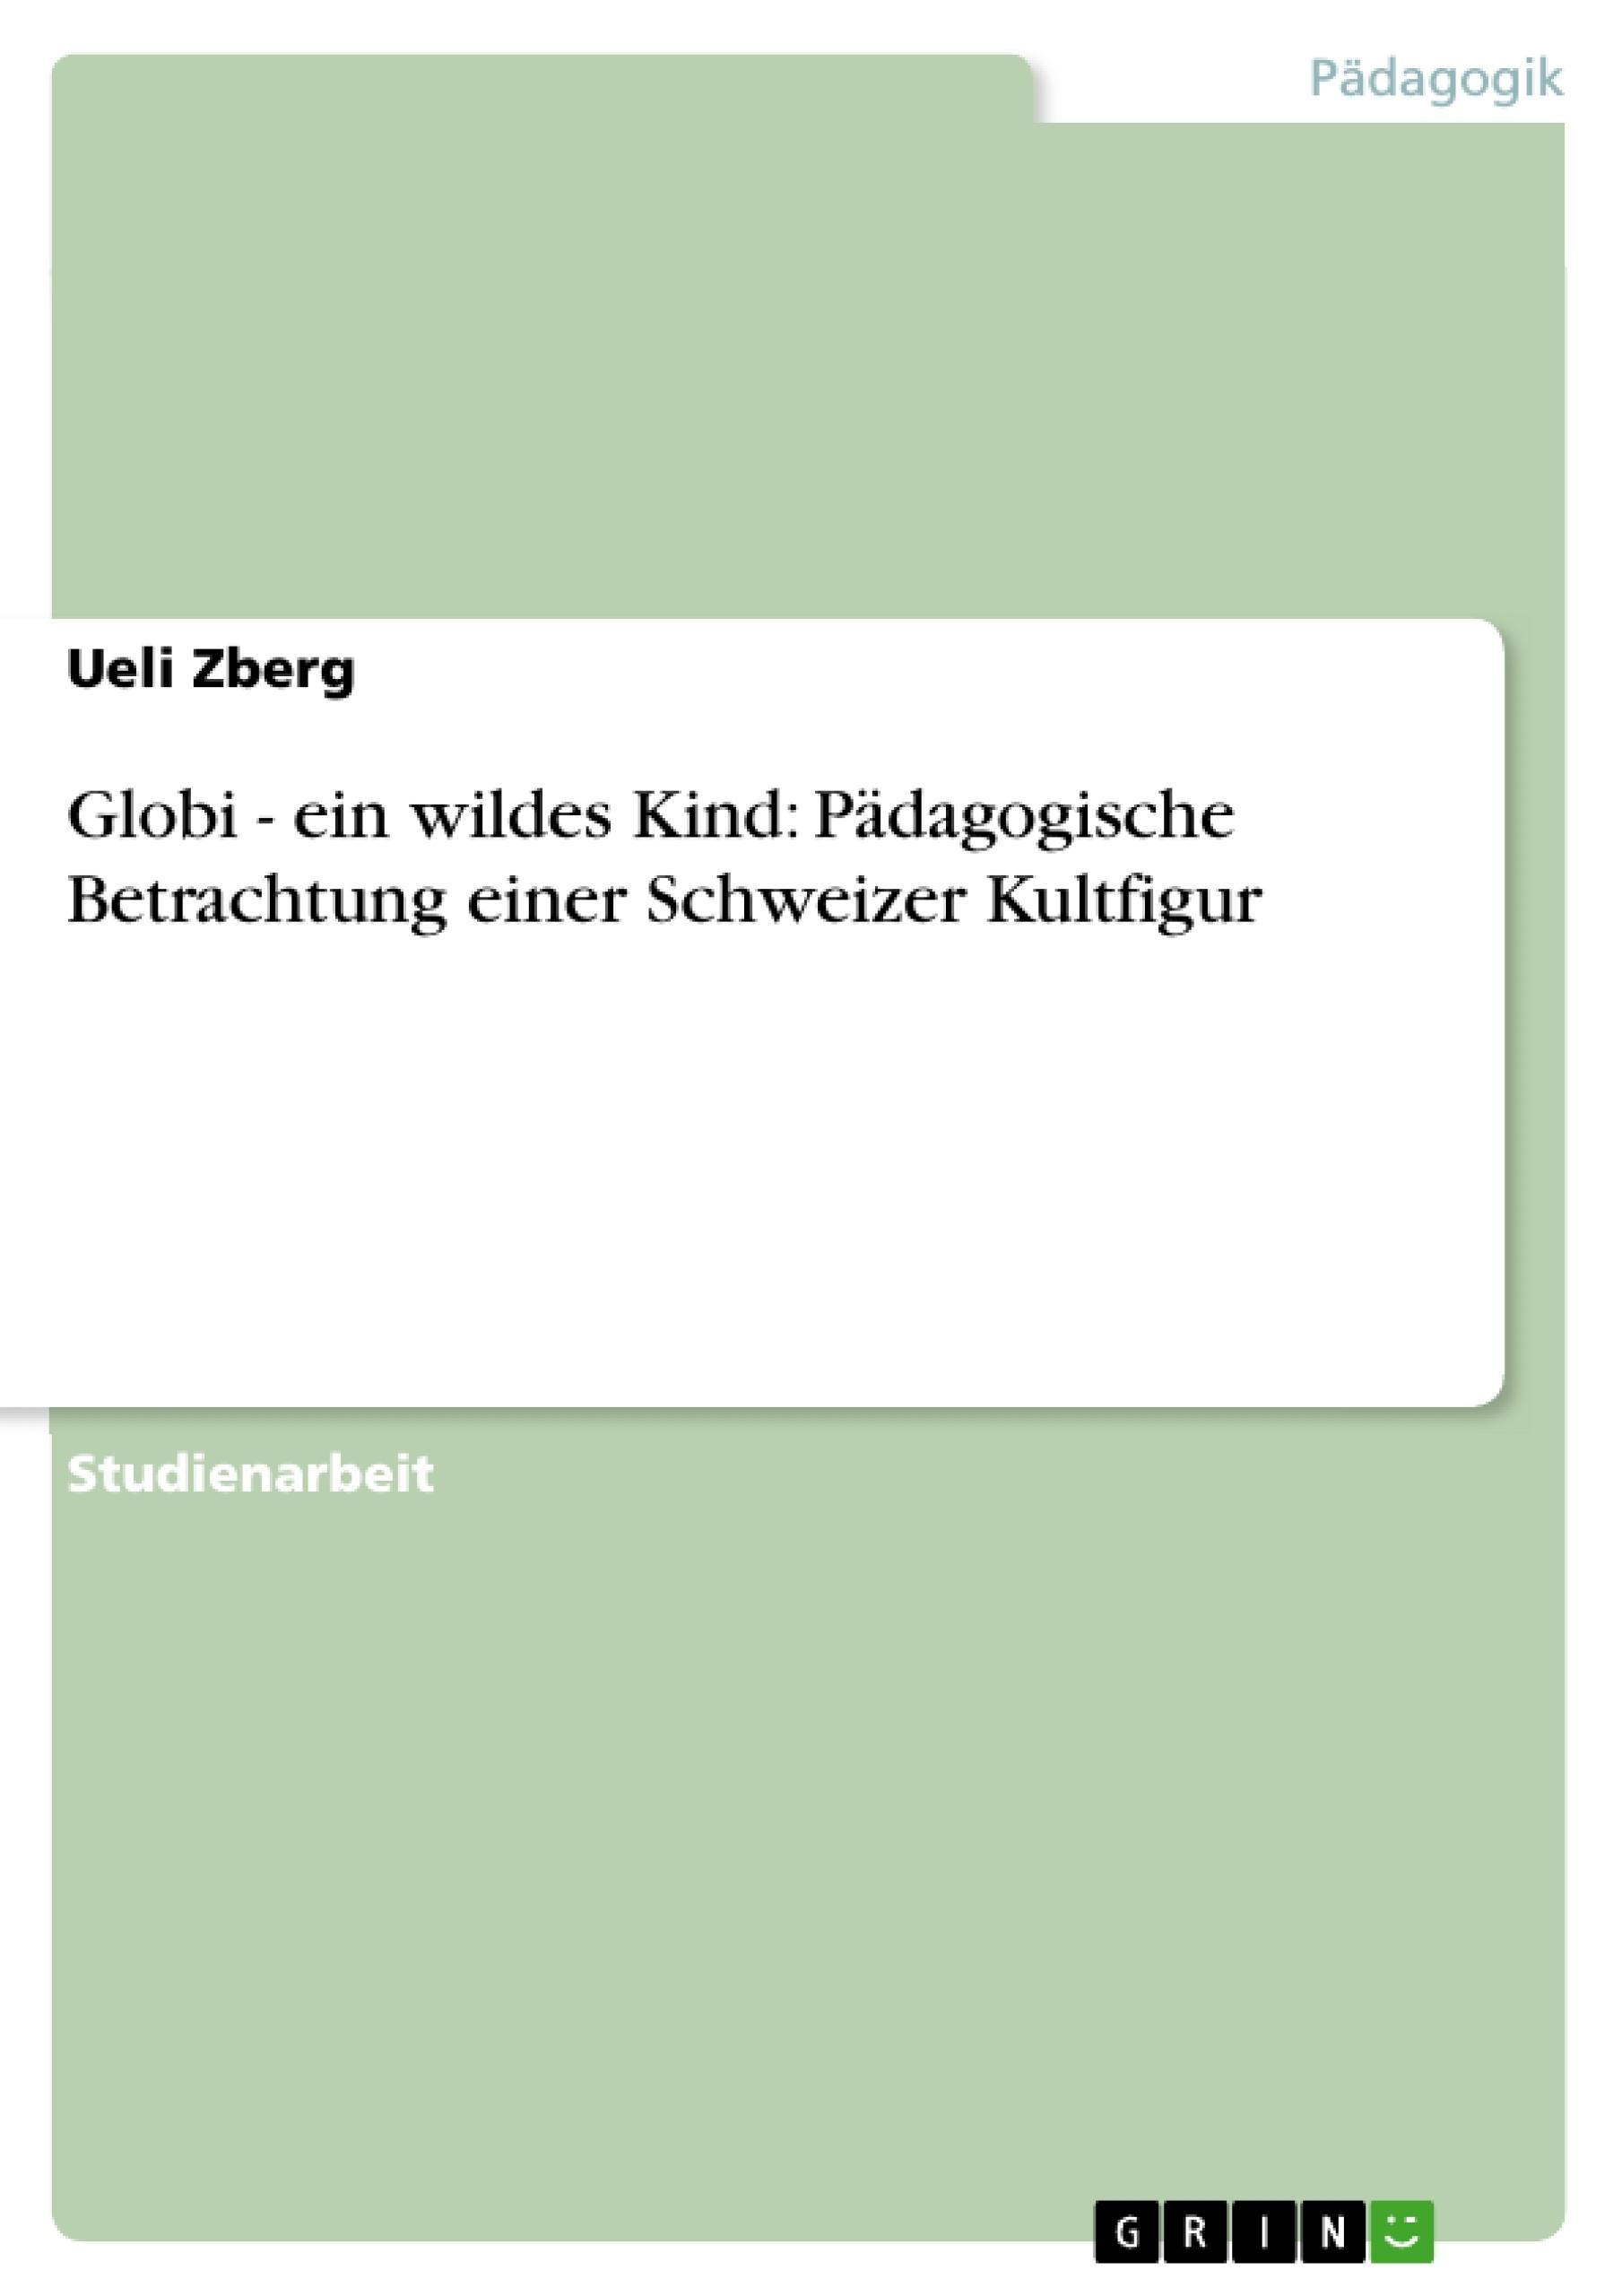 Titel: Globi - ein wildes Kind: Pädagogische Betrachtung einer Schweizer Kultfigur